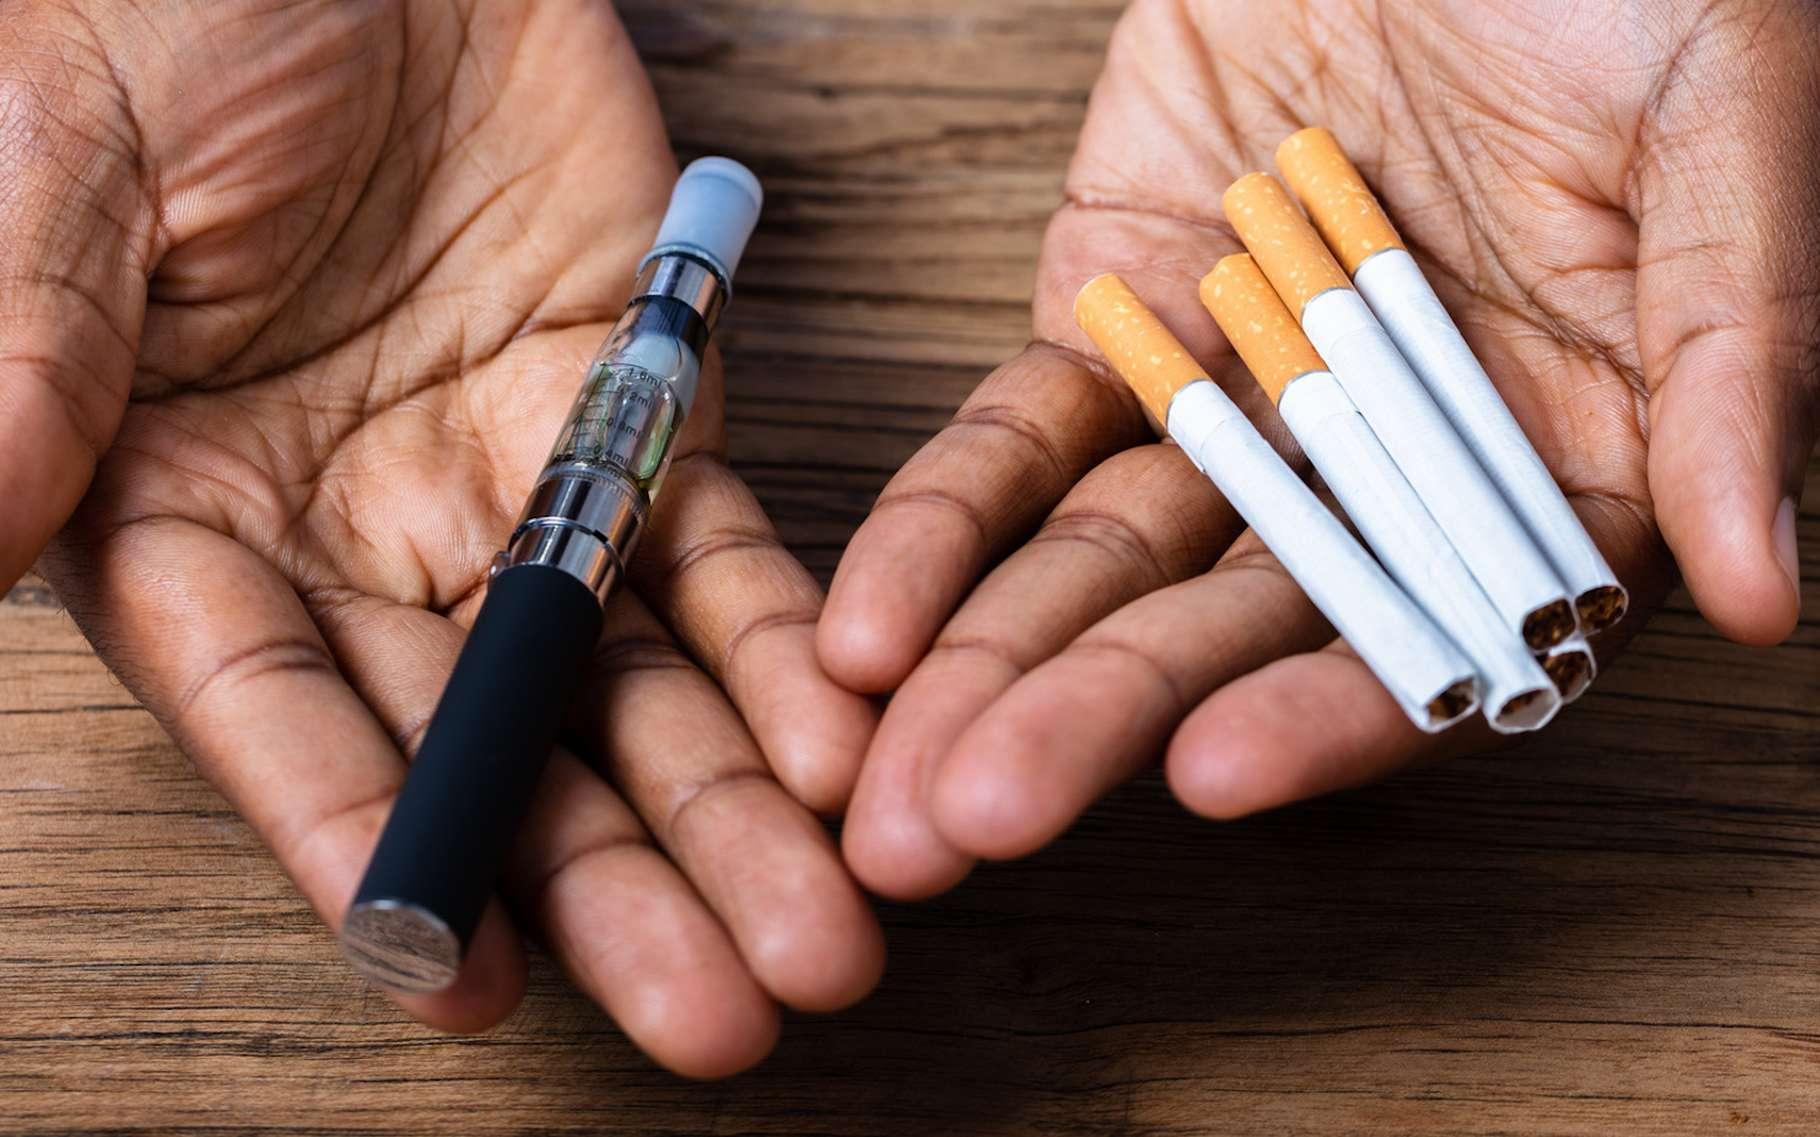 La plupart des adeptes de la cigarette électronique semblent avoir recours au vapotage pour réduire leur consommation de cigarettes classiques. © Andrew Popov, Fotolia